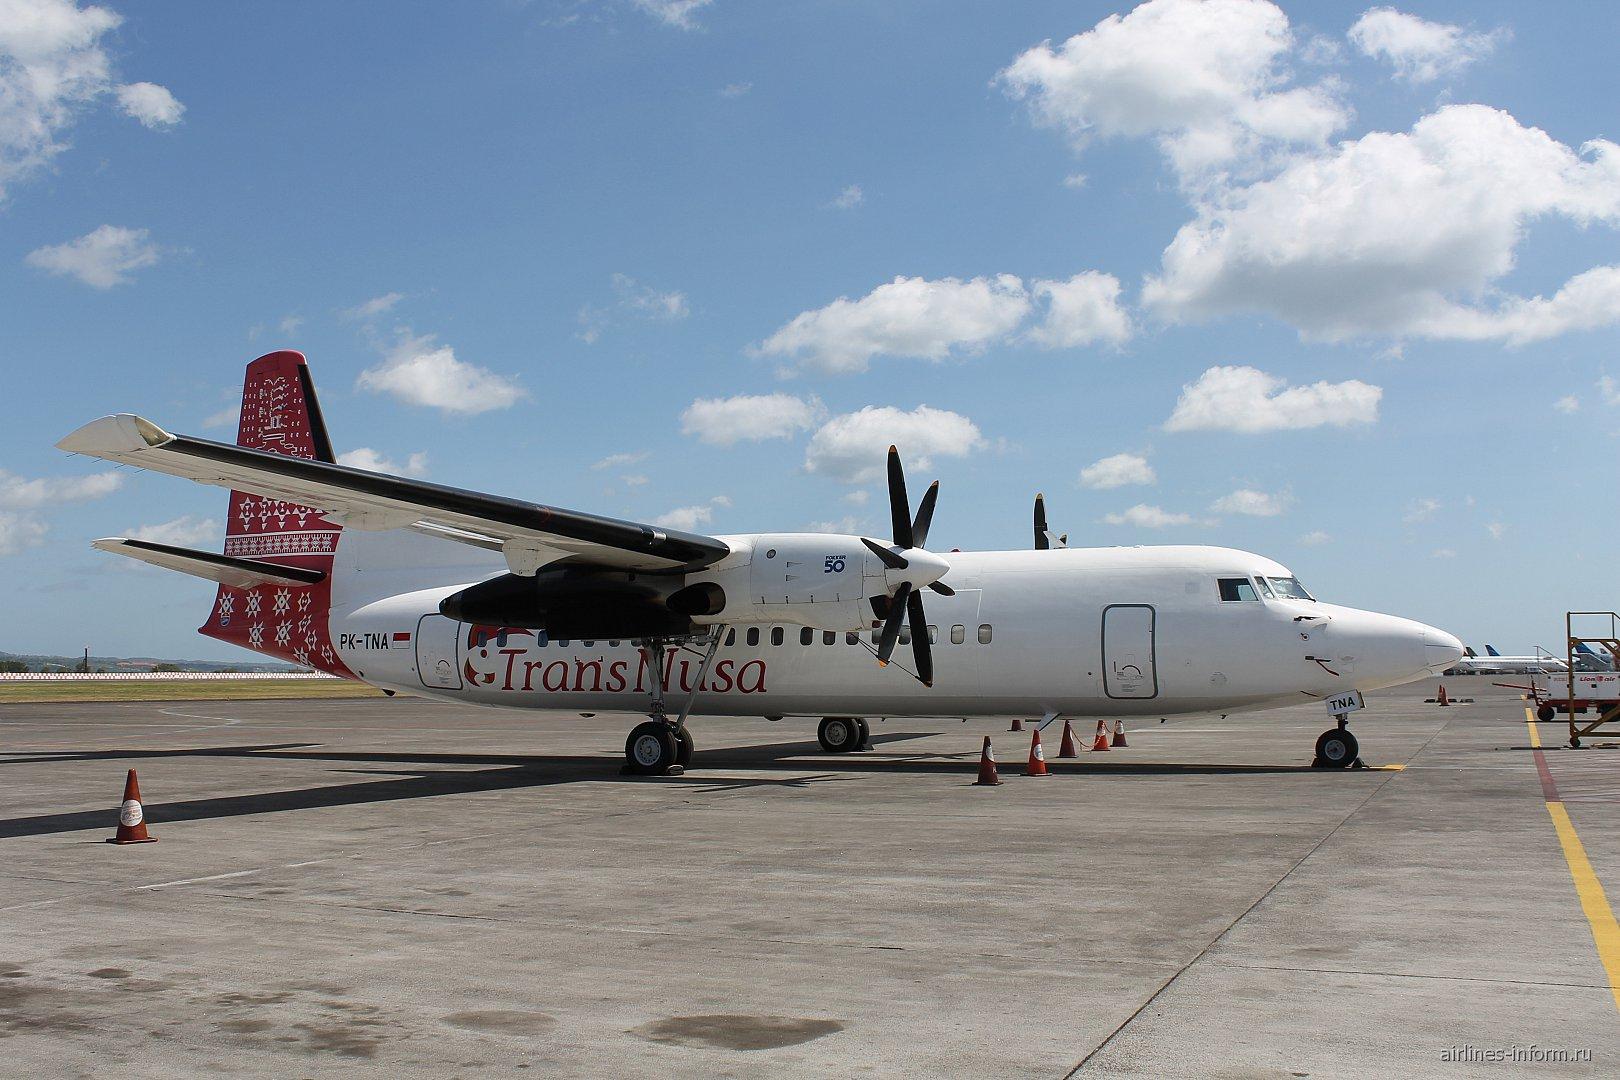 Самолет Fokker 50 индонезийской авиакомпании TransNusa